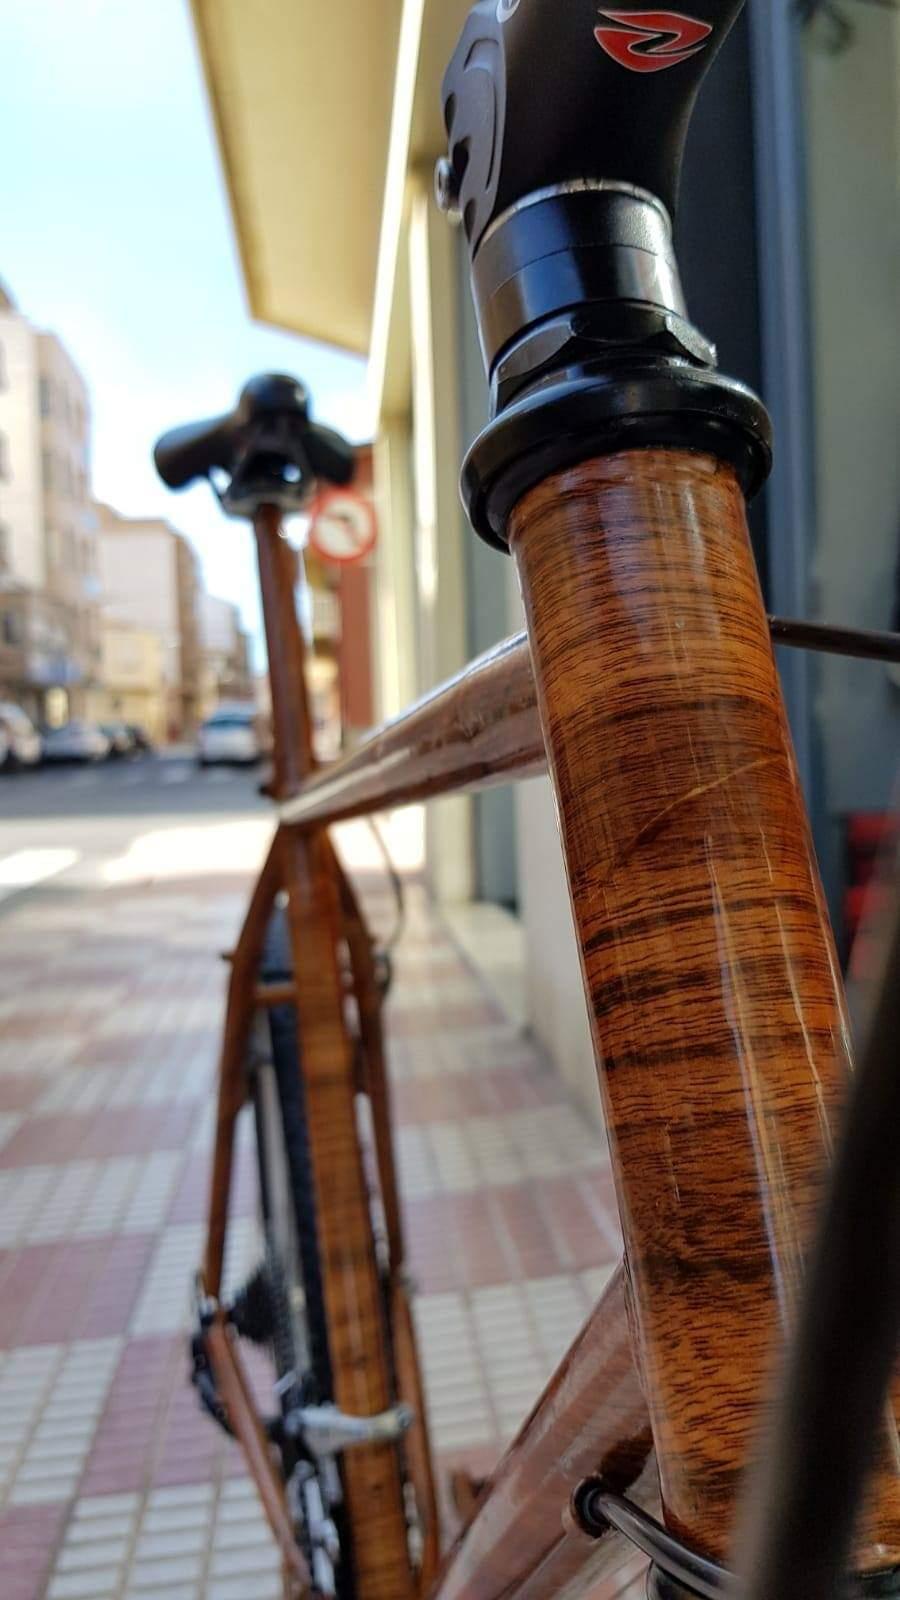 Detalle de la hidroimpresion de una bici